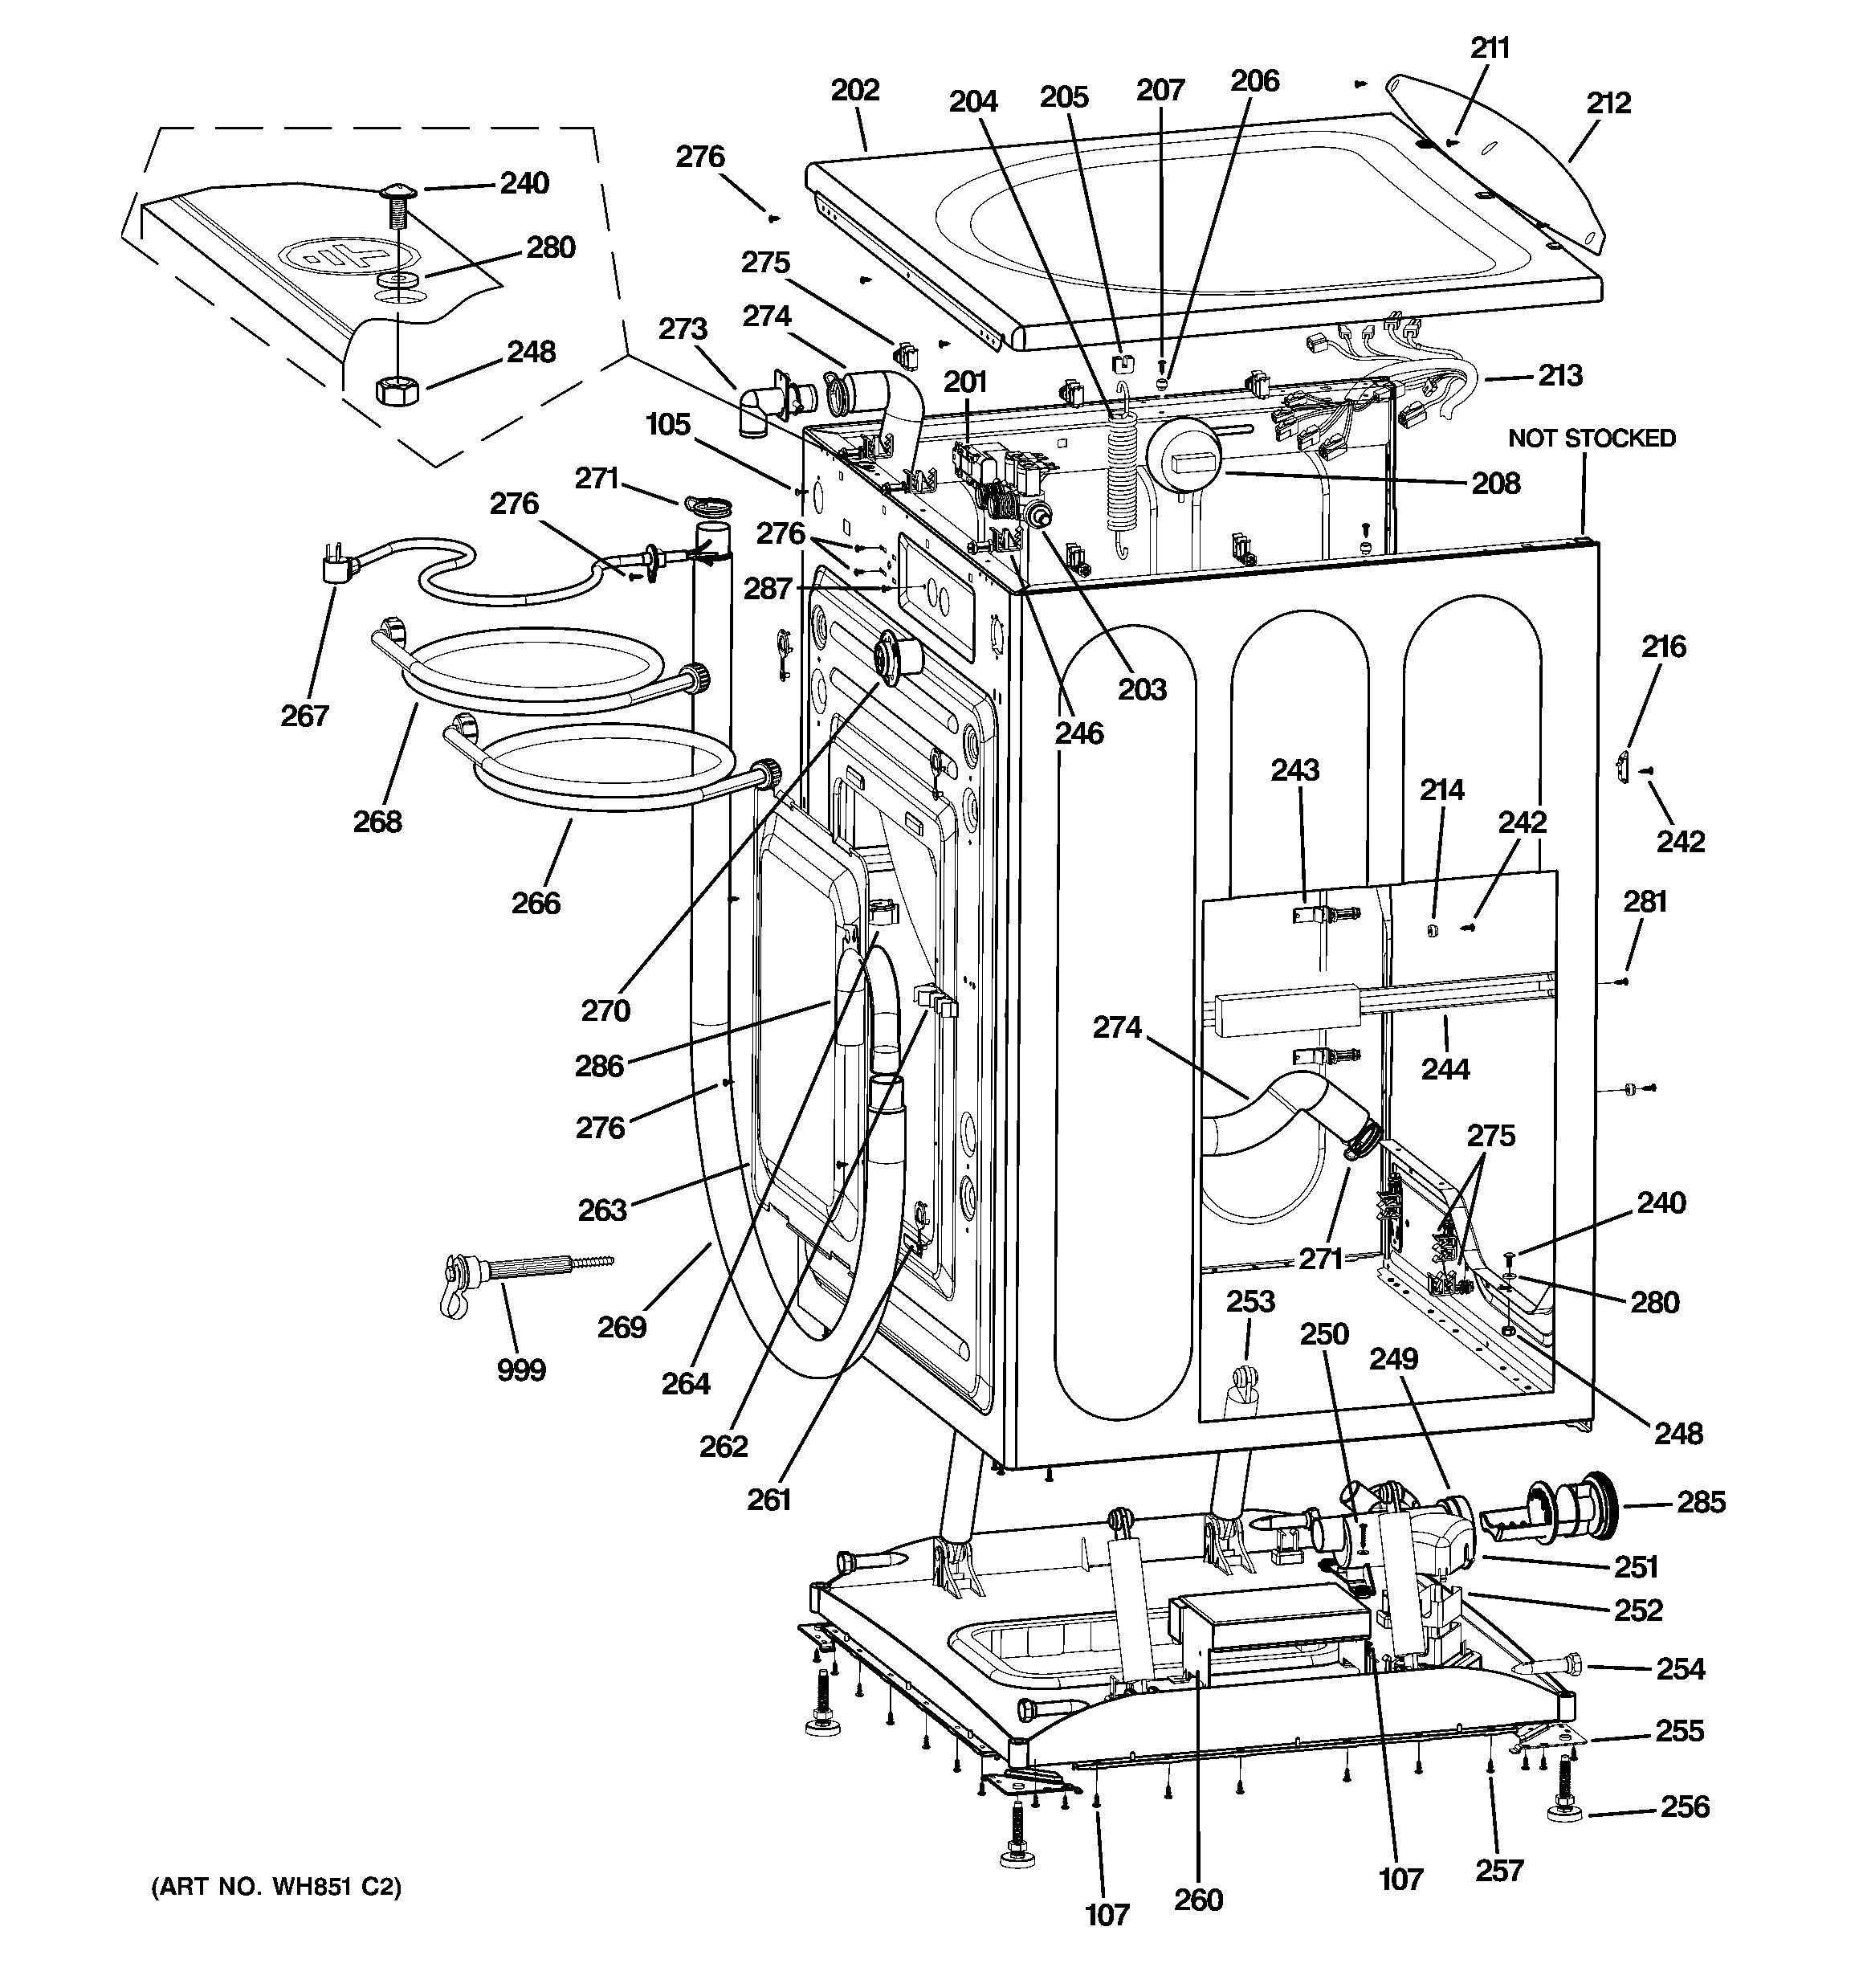 Ge Dishwasher Parts Diagram In 2020 Ge Dishwasher Dishwasher Parts Diagram